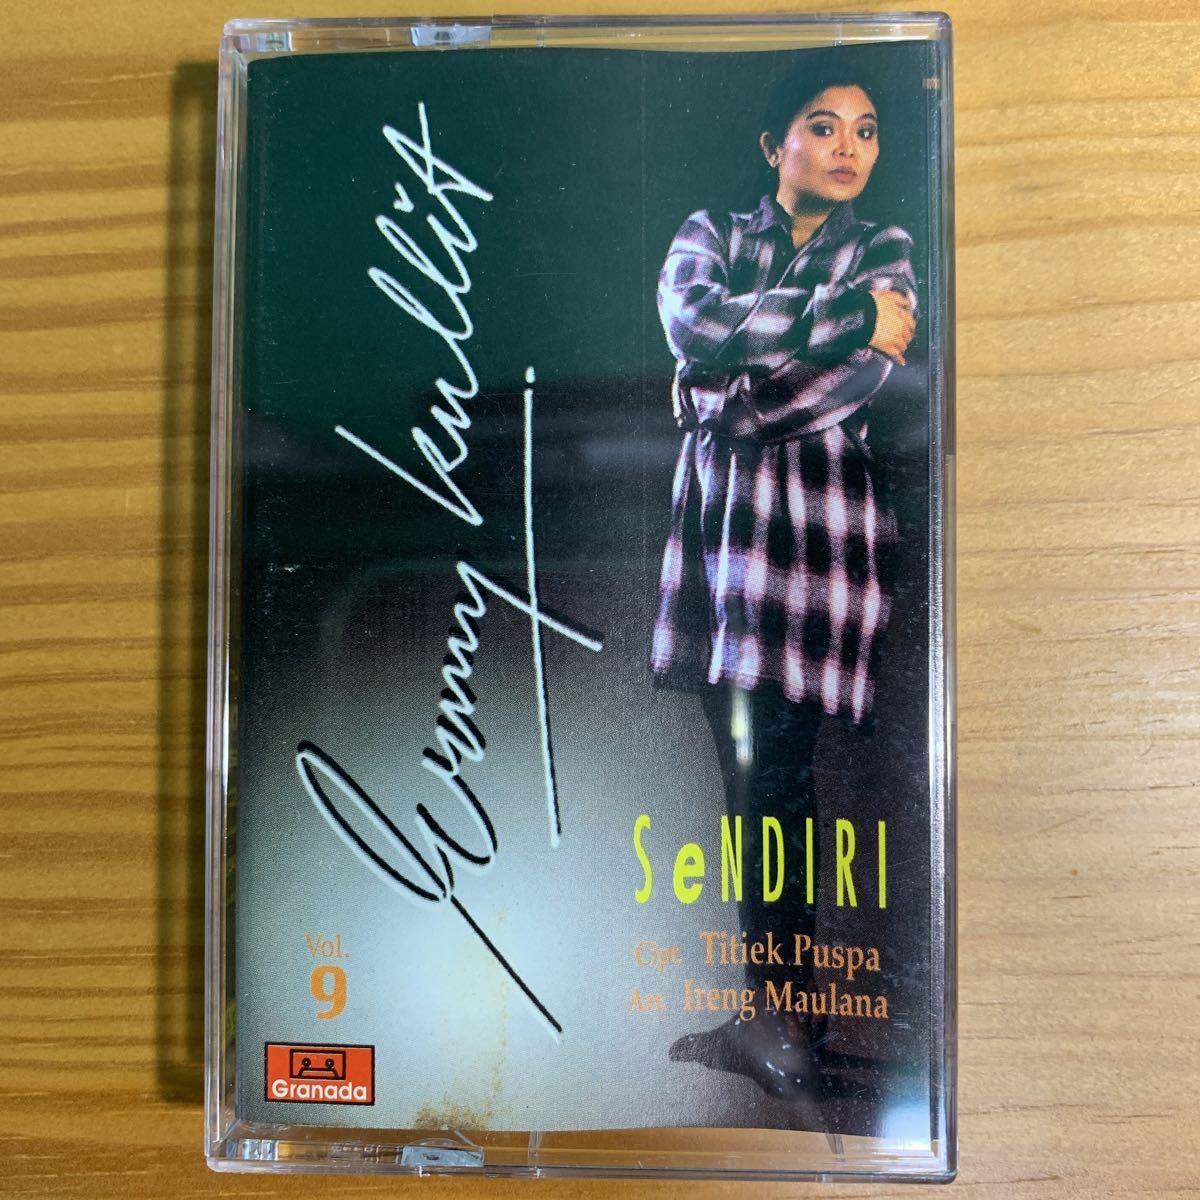 Ermy Kullit「Sendri」カセットテープ Indonesia Urban Pops / Titiek Puspa + Ireng Maulana 参加 80's 90's RARE!!_画像1